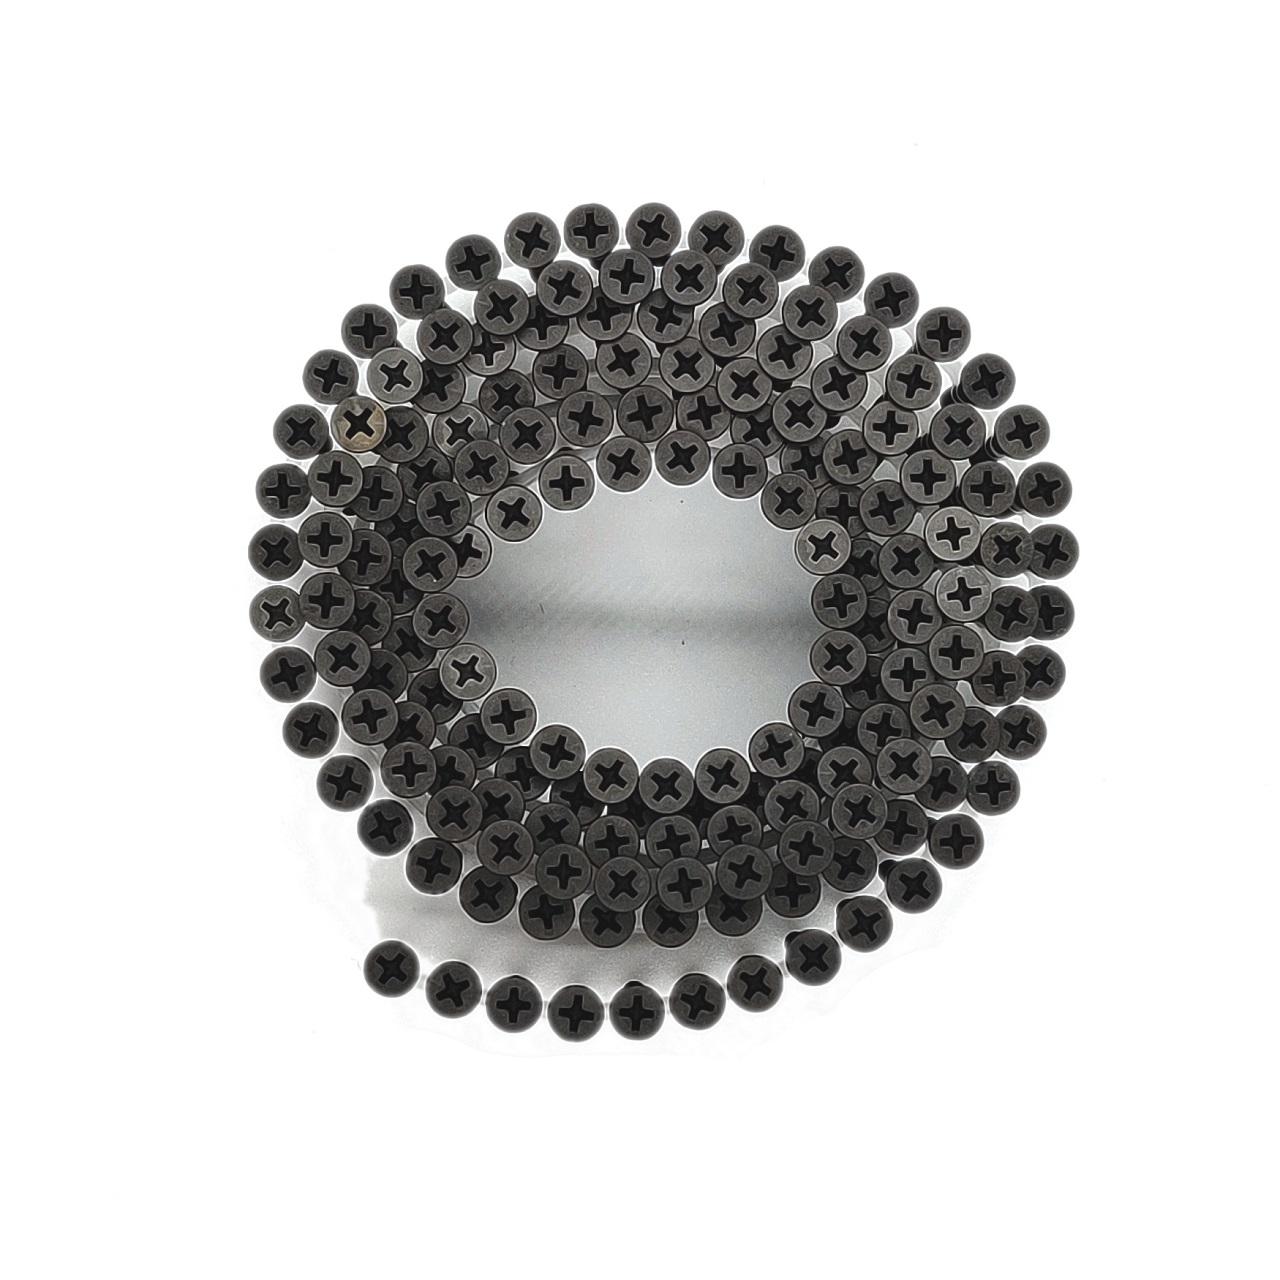 Coil Schnellbauschrauben | phosphatiert | Grobgewinde | 3,9x25 | 2.500 Stk